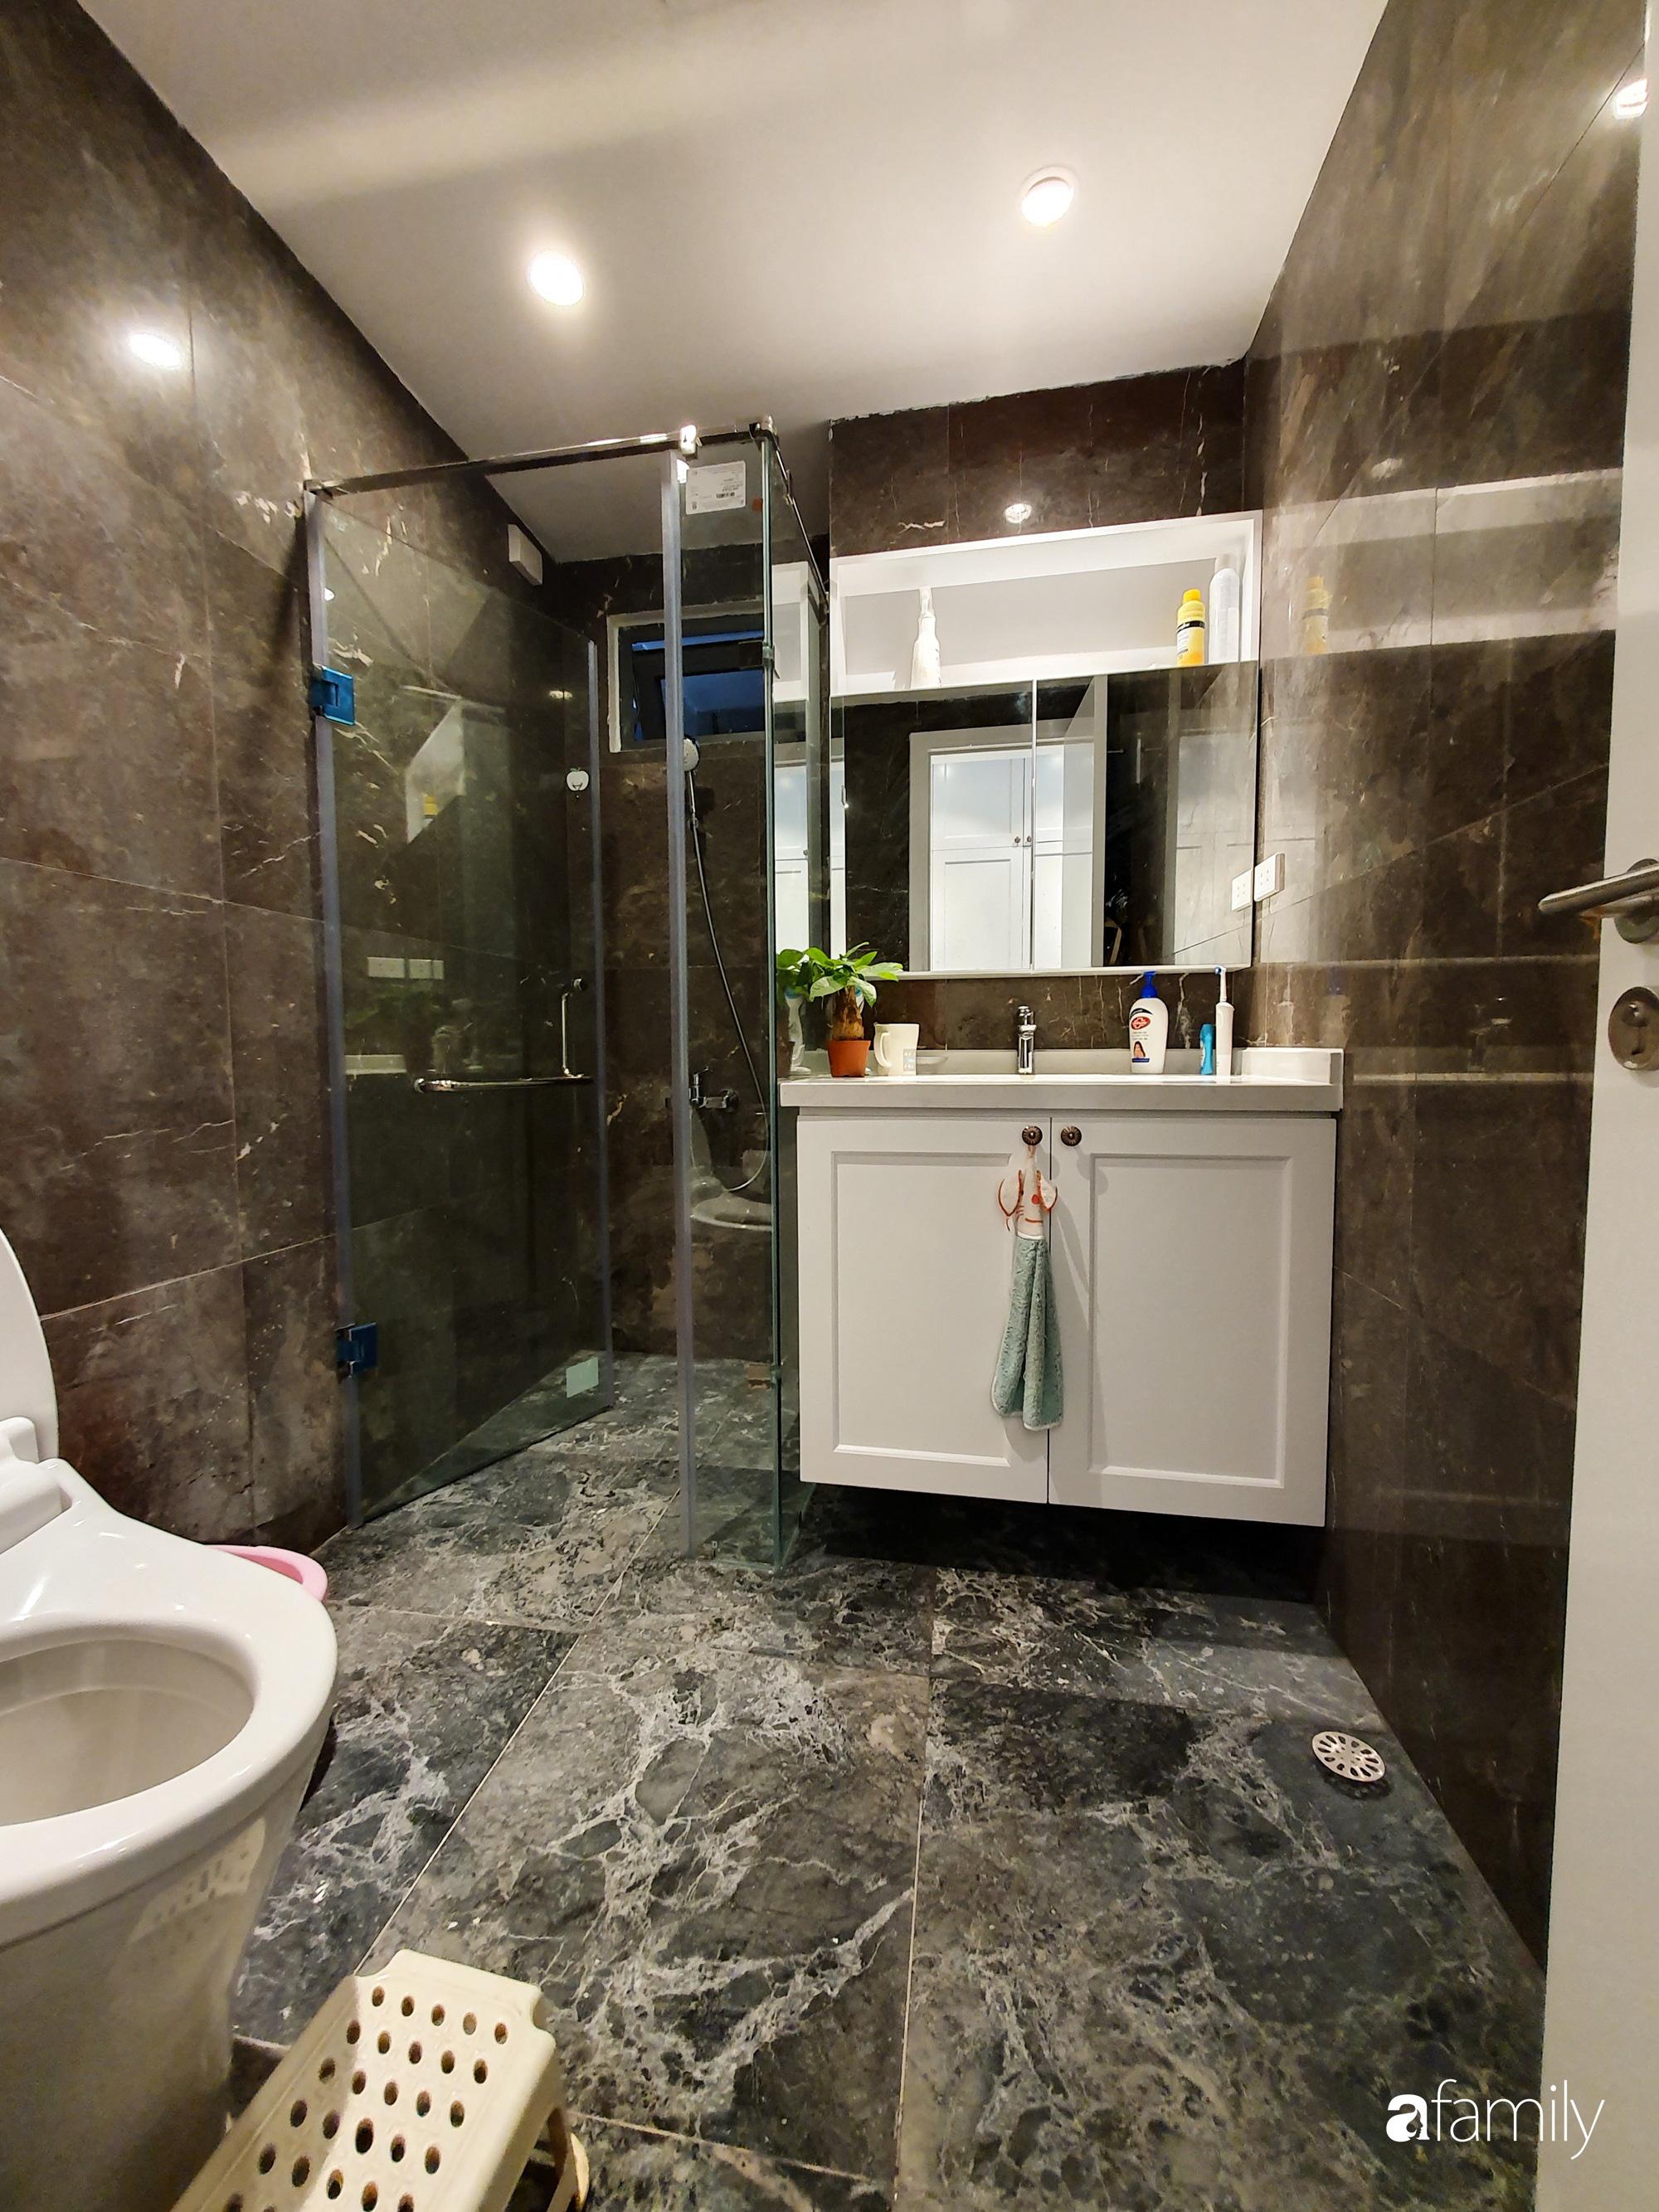 Căn hộ 116m2 hoàn thiện nội thất chưa đầy 1 tháng vẫn đẹp hiện đại, nền nã ở Cầu Giấy, Hà Nội - Ảnh 16.